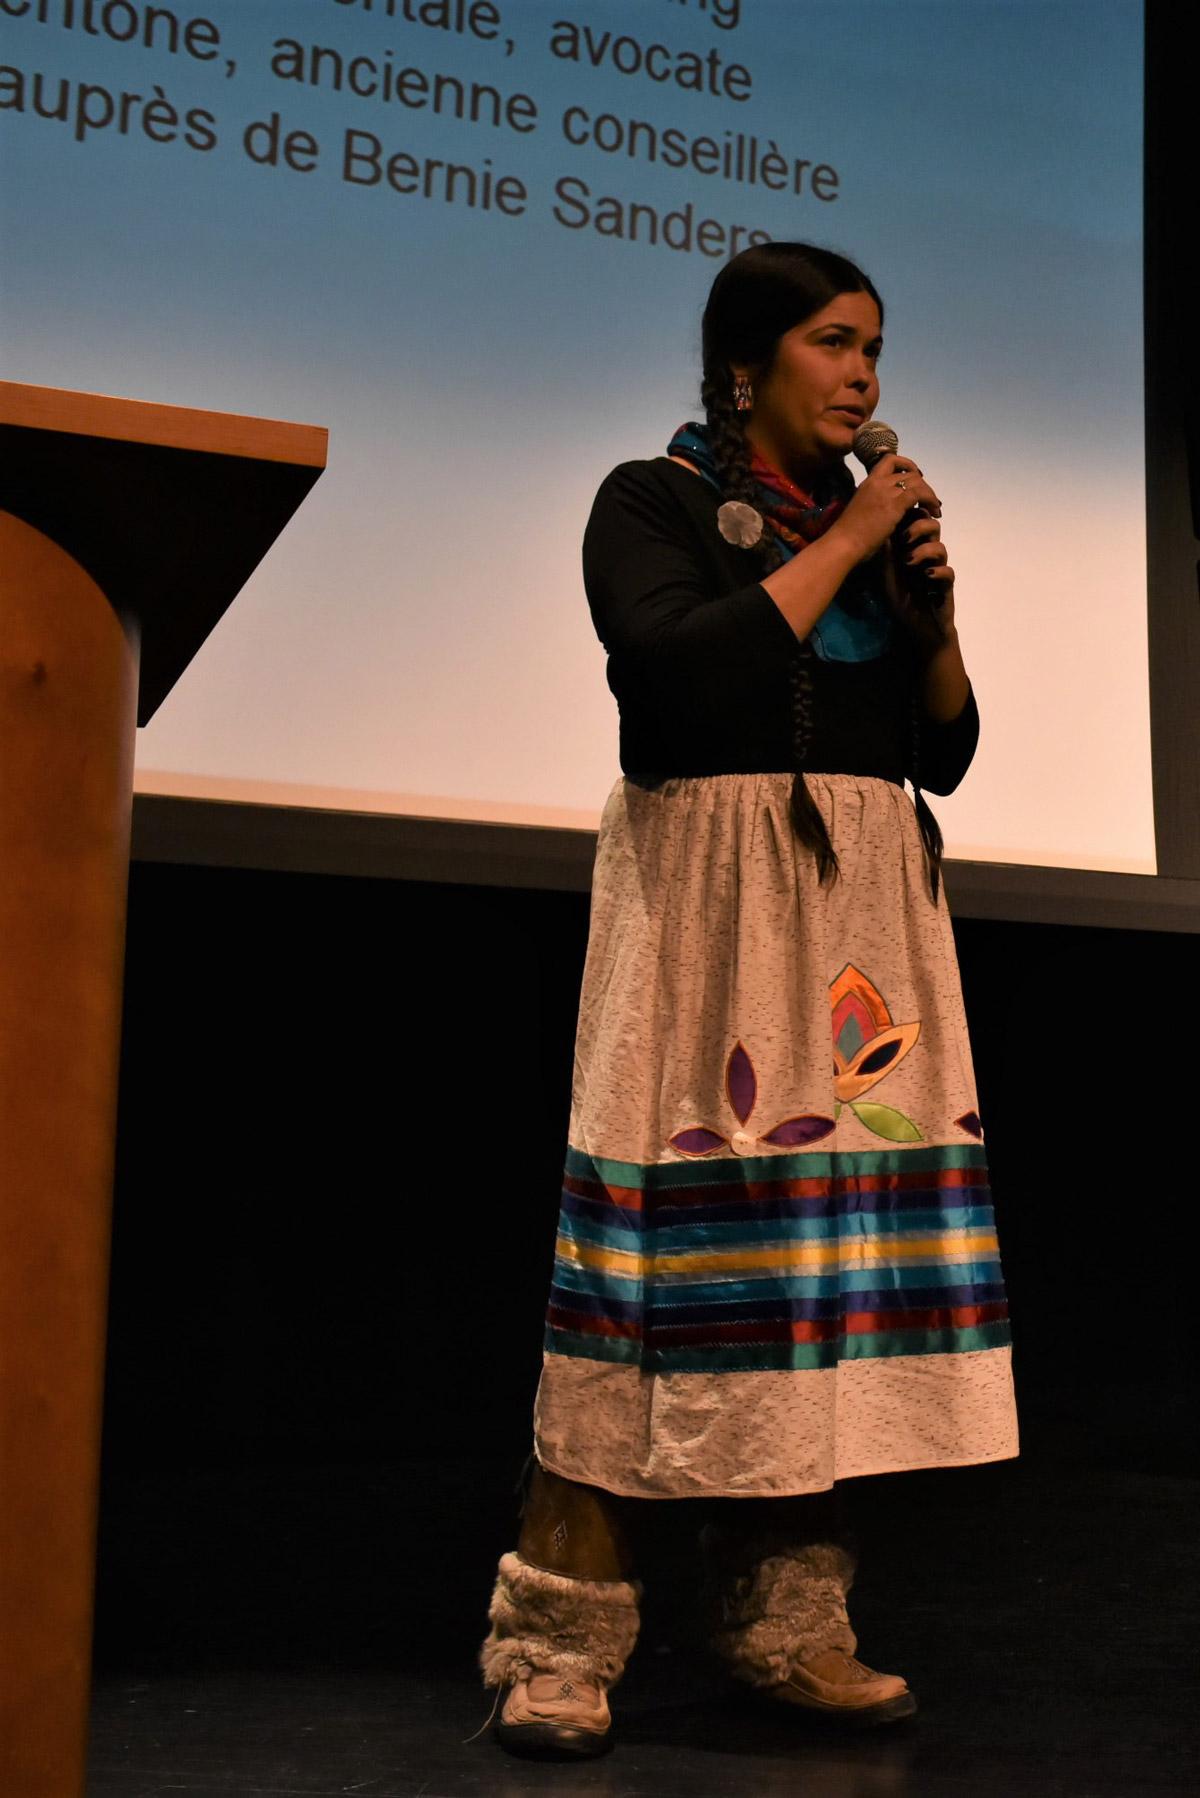 Tara Houska, Première nation de Couchiching Anishinaabe, est activiste environnementale, avocate en droit autochtone, fondatrice de Ginew collective, et ancienne conseillère en affaires autochtones auprès de Bernie Sanders.